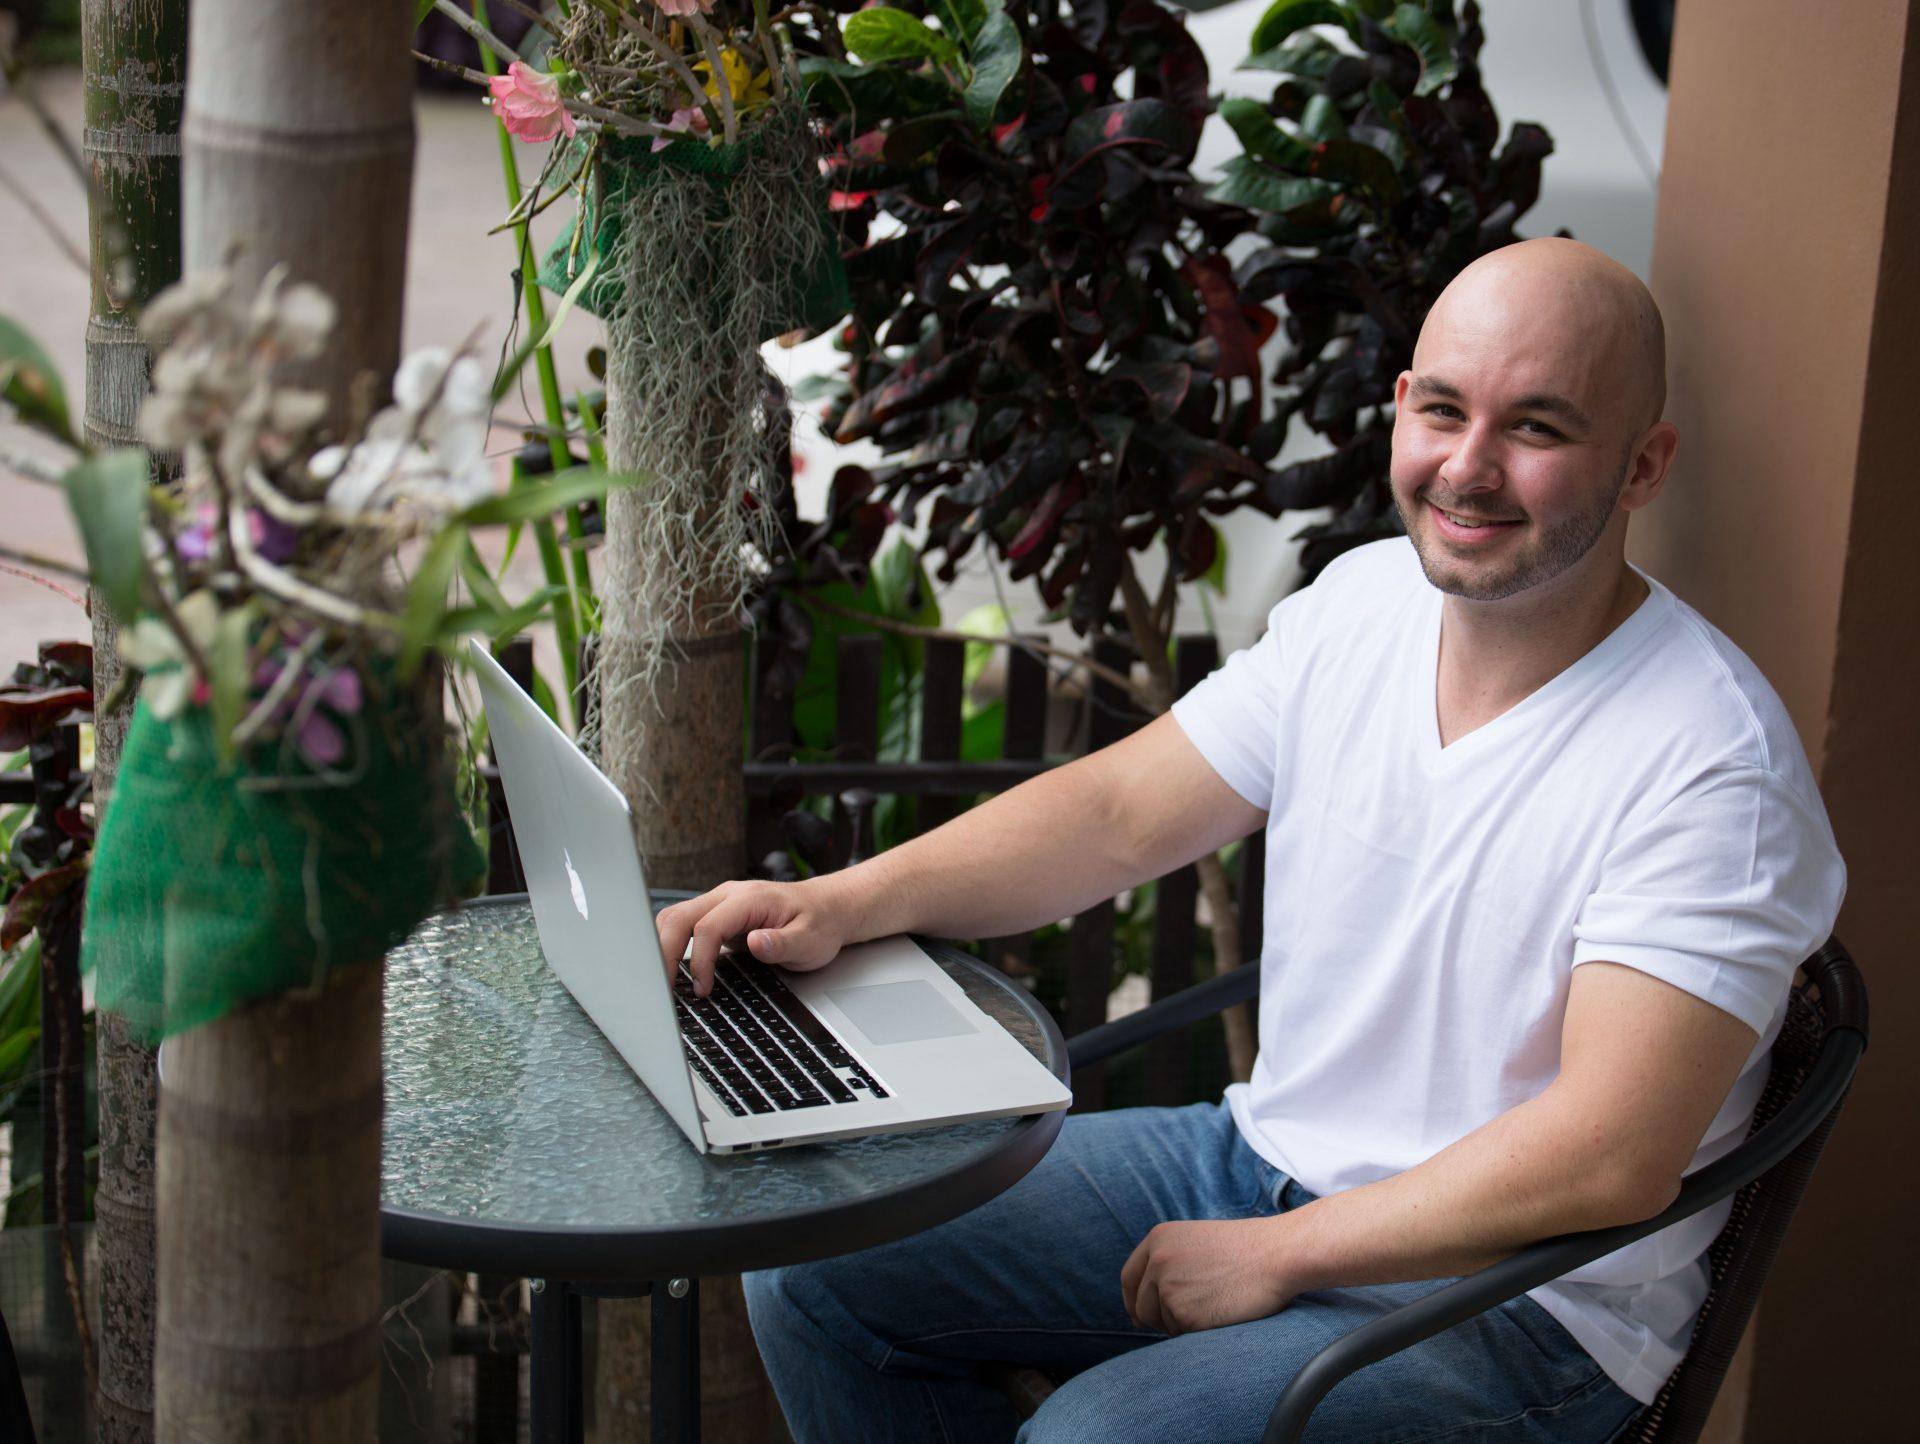 digital-entrepreneur-interview-brett-dev-on-laptop